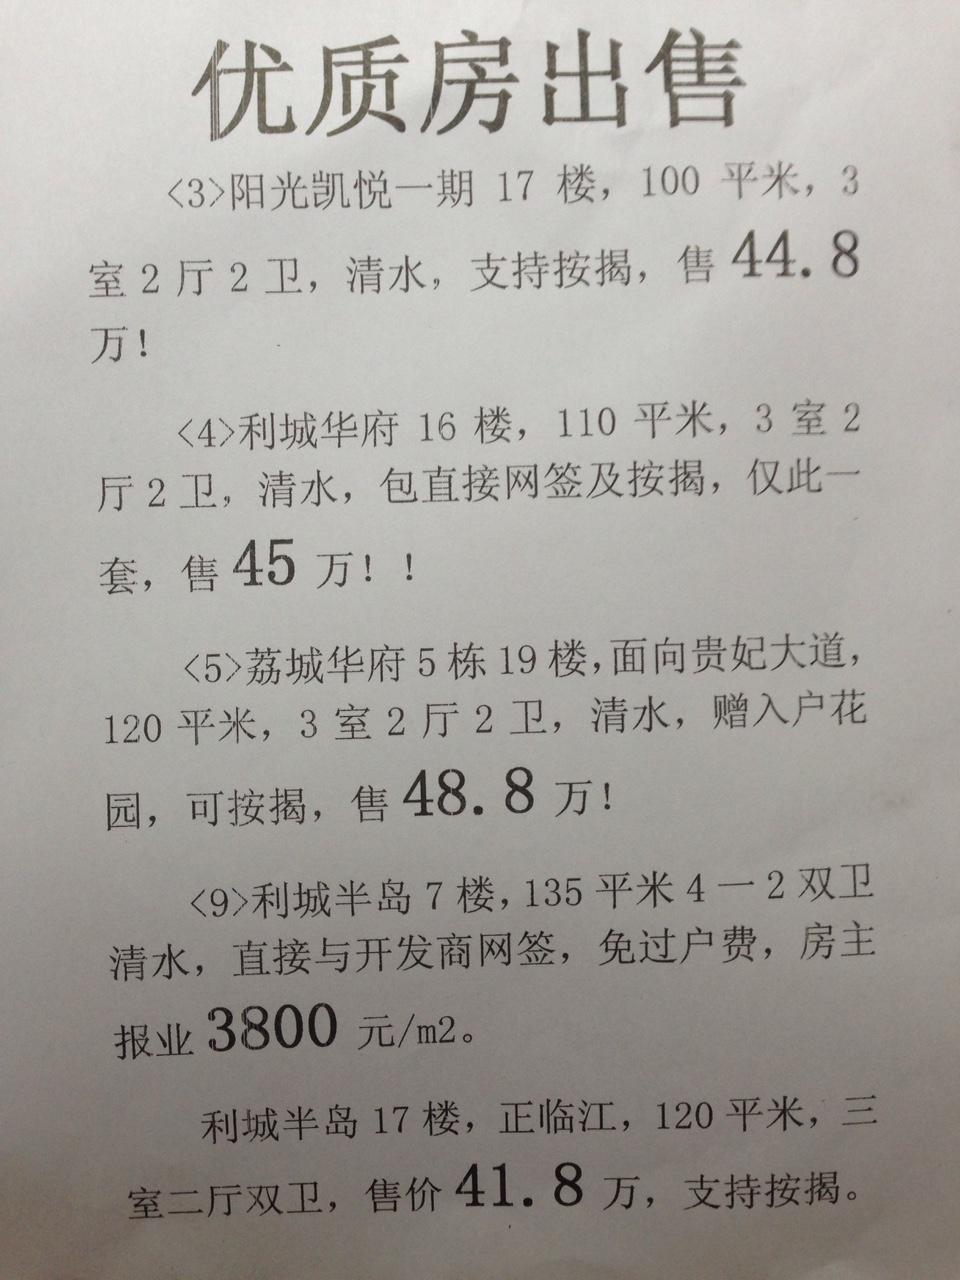 利城华府3室2厅2卫48.8万元